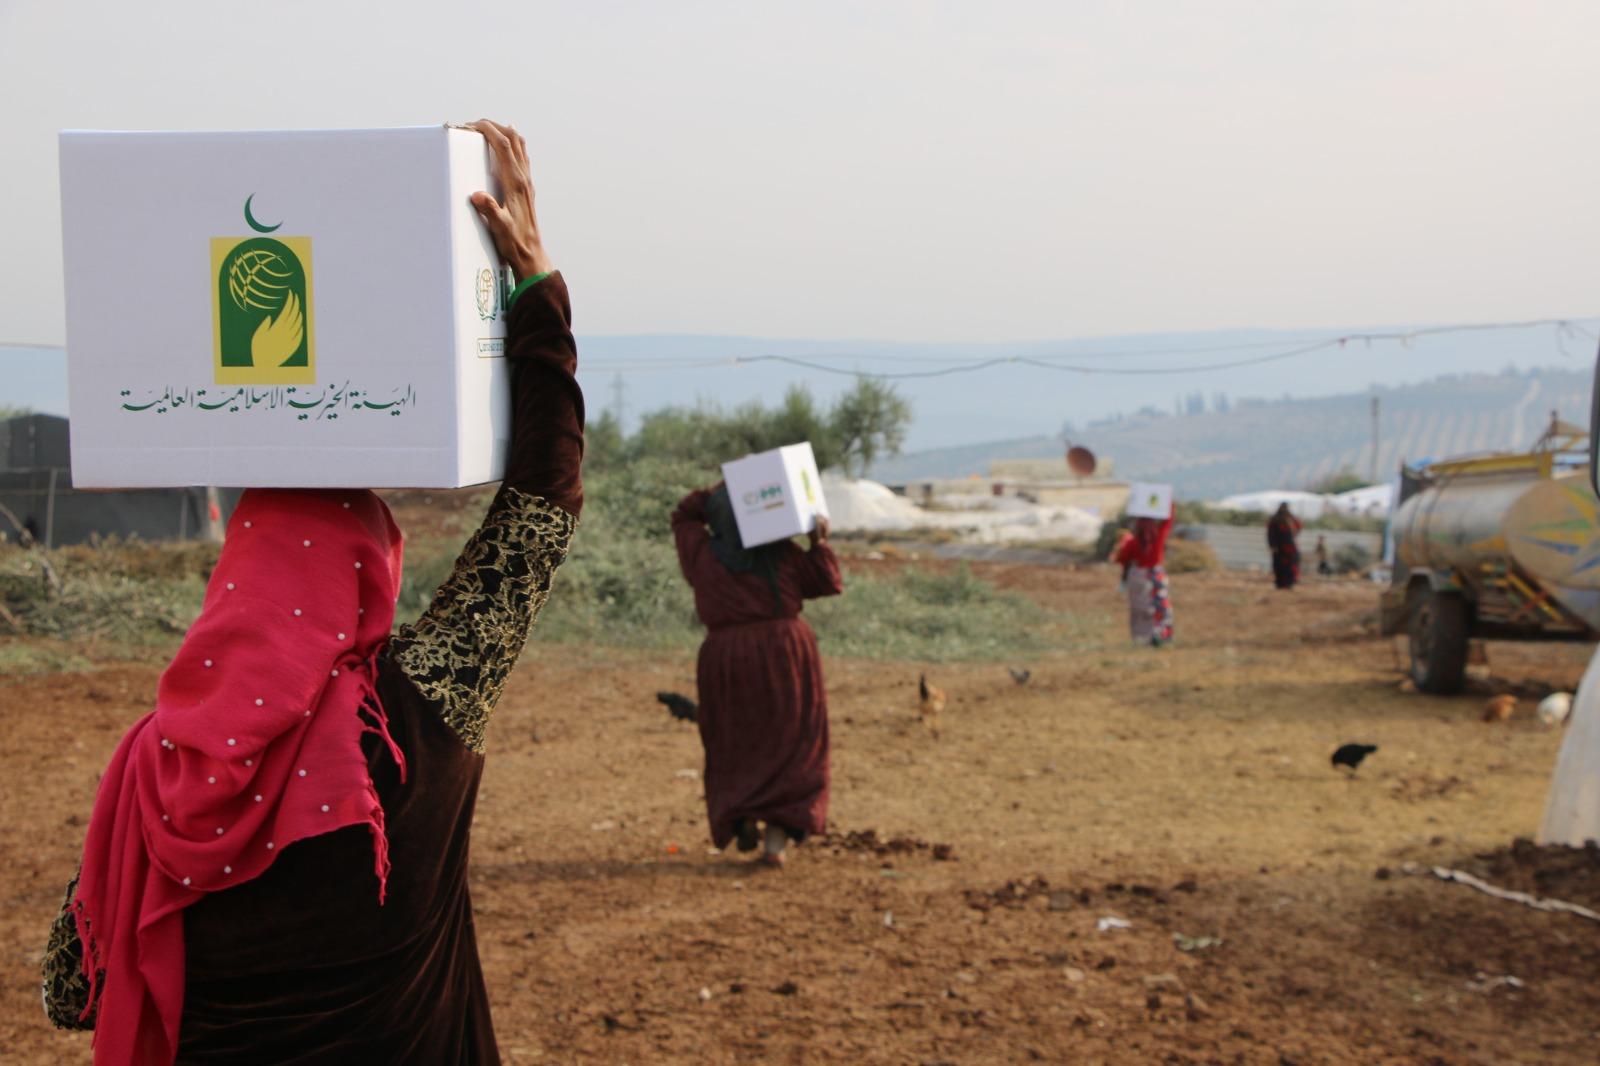 الإغاثة التركية توزع مساعدات كويتية في مخيمات إدلب